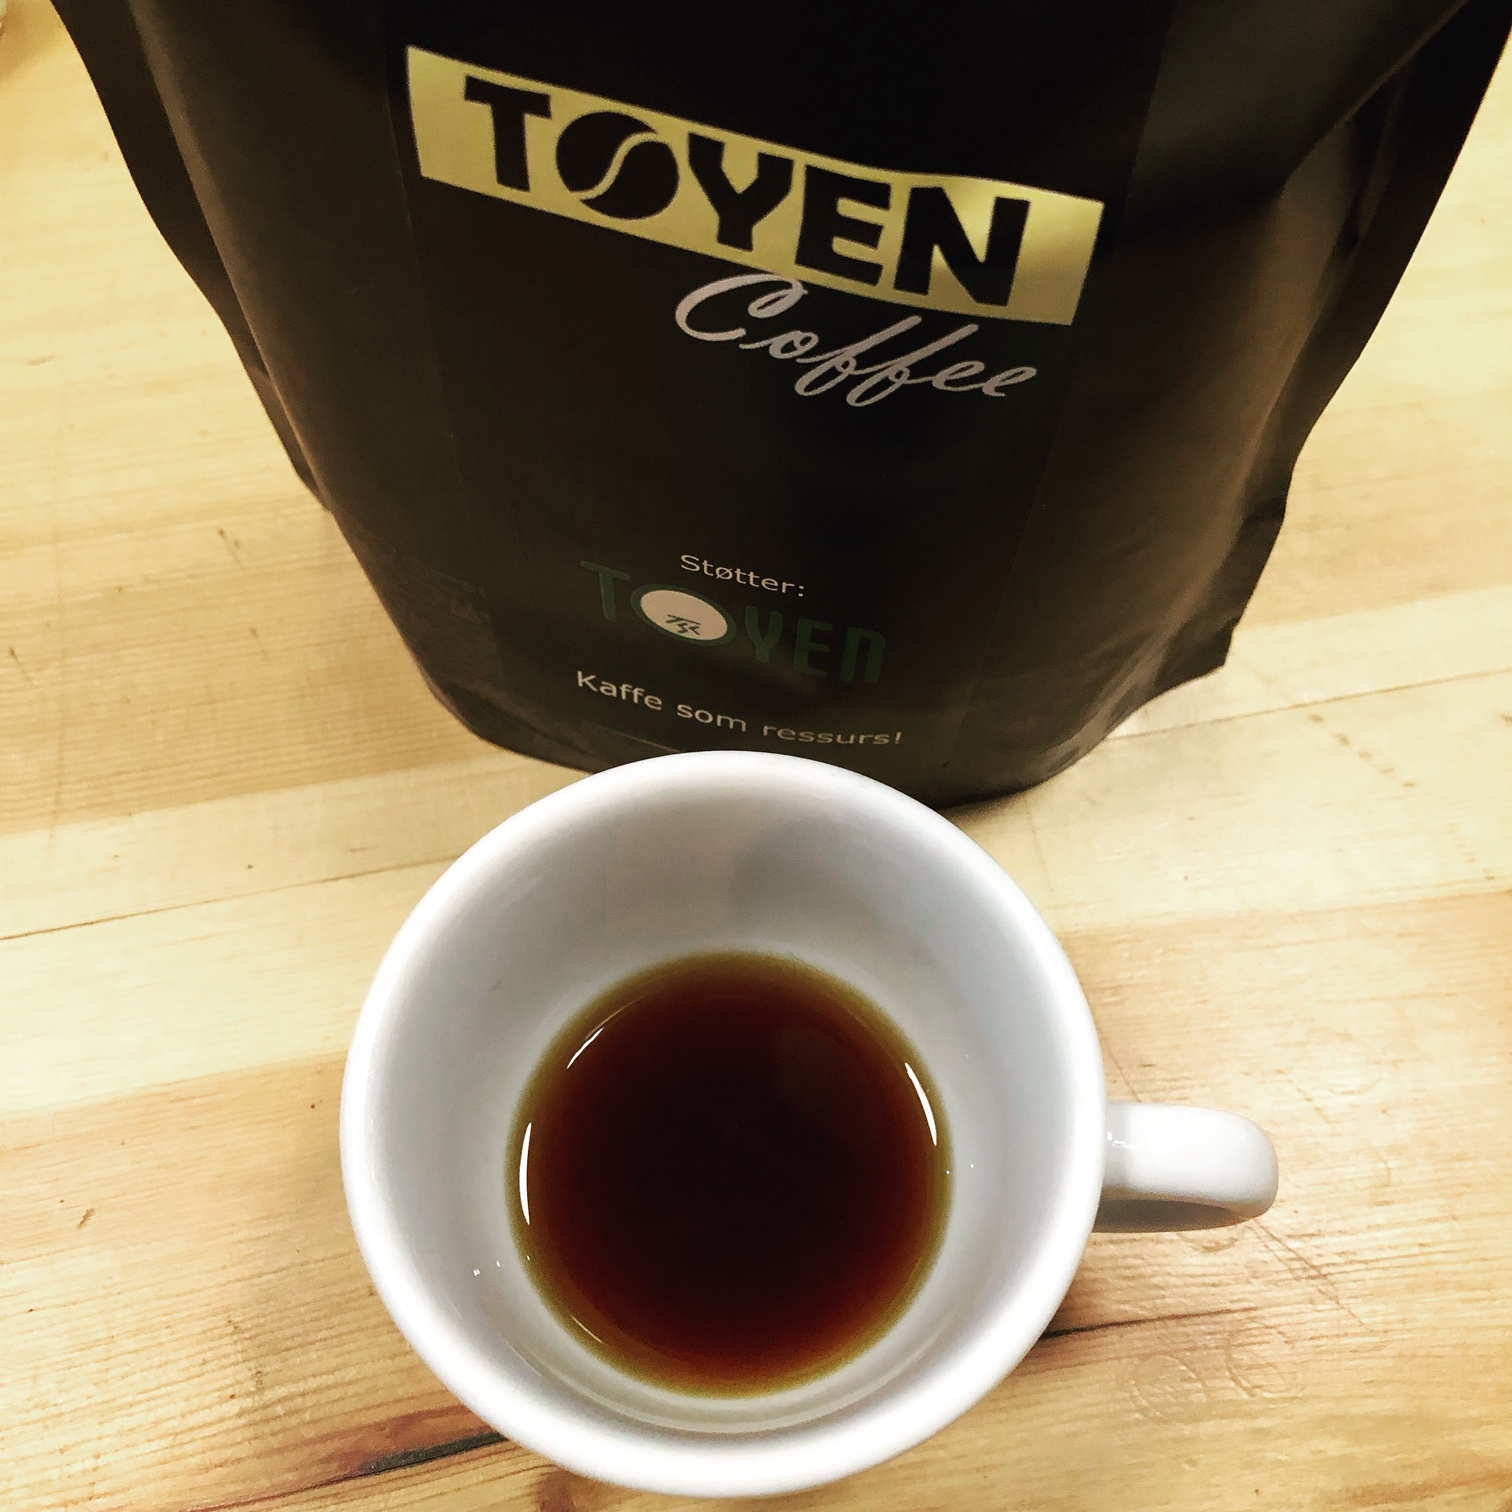 Den helt ferske Tøyen Coffee, utviklet av Independent Business Accelerator - IBA, med base på Aktivitetshuset K1 og Tøyen Unlimited. Tøyenkaffen kan bli en suksess, med god hjelp i starten. Den kan smakes på TSV Workbar, på Tøyen Torg.